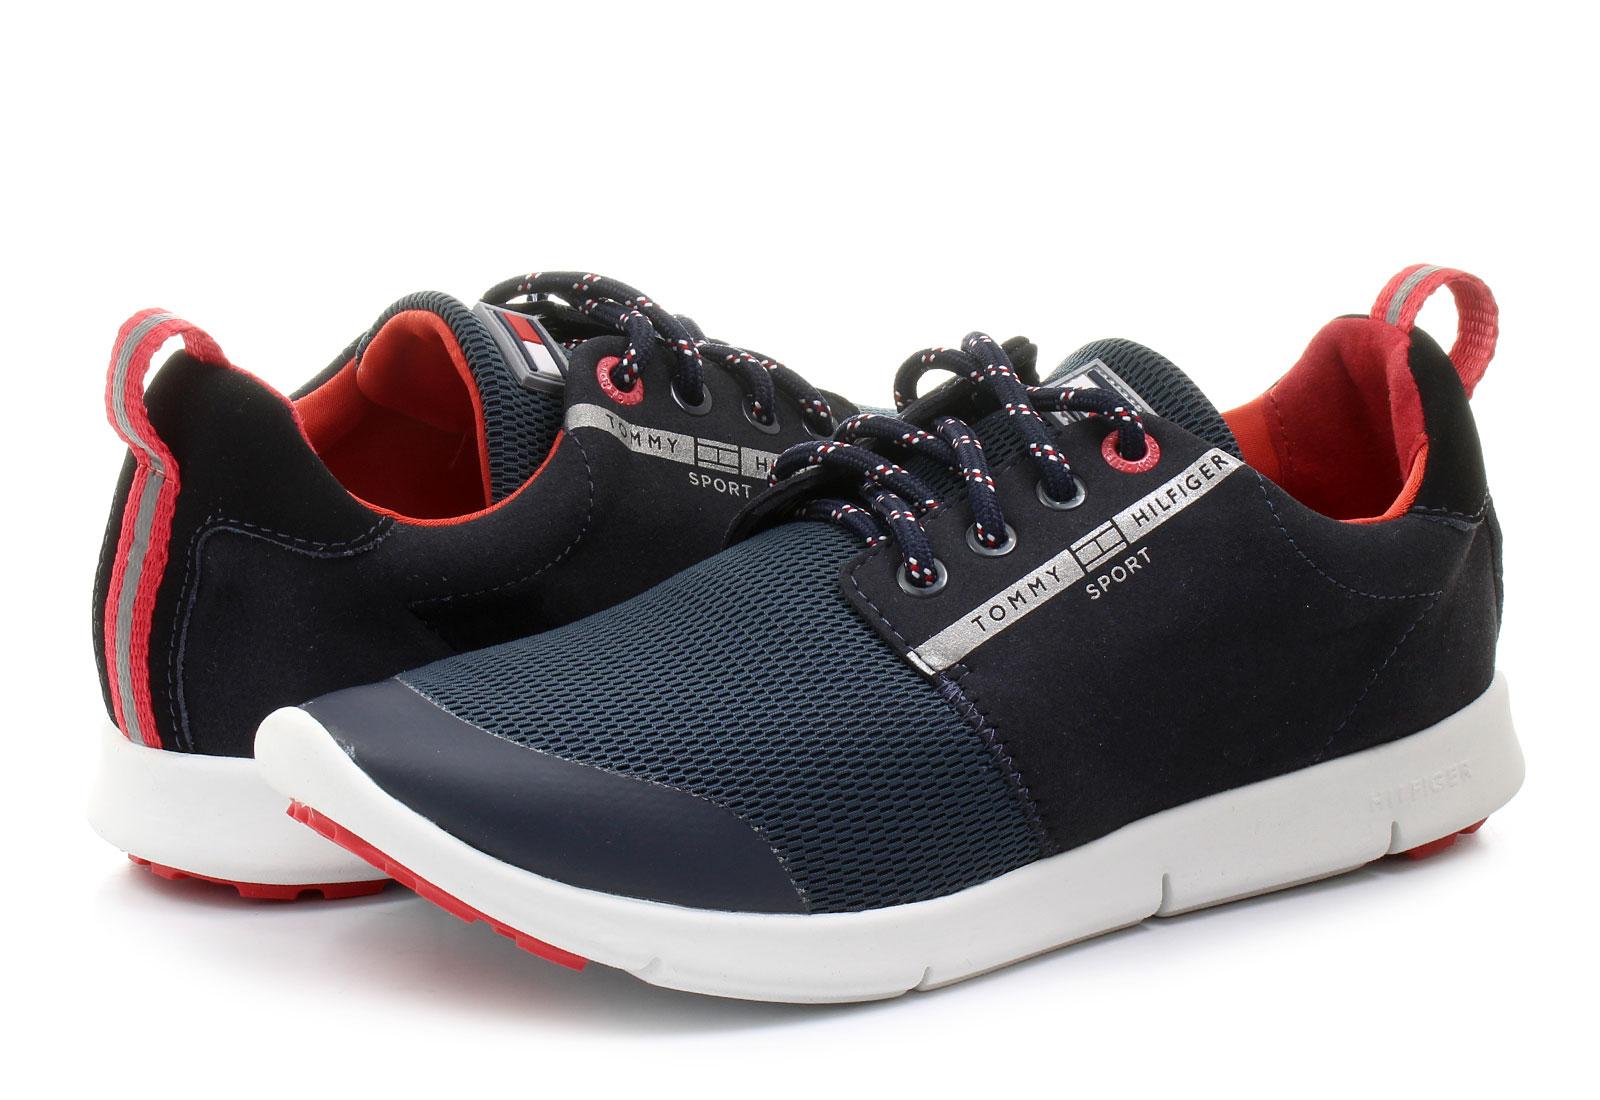 tommy hilfiger shoes minty 2c sport 16s 1090 403. Black Bedroom Furniture Sets. Home Design Ideas